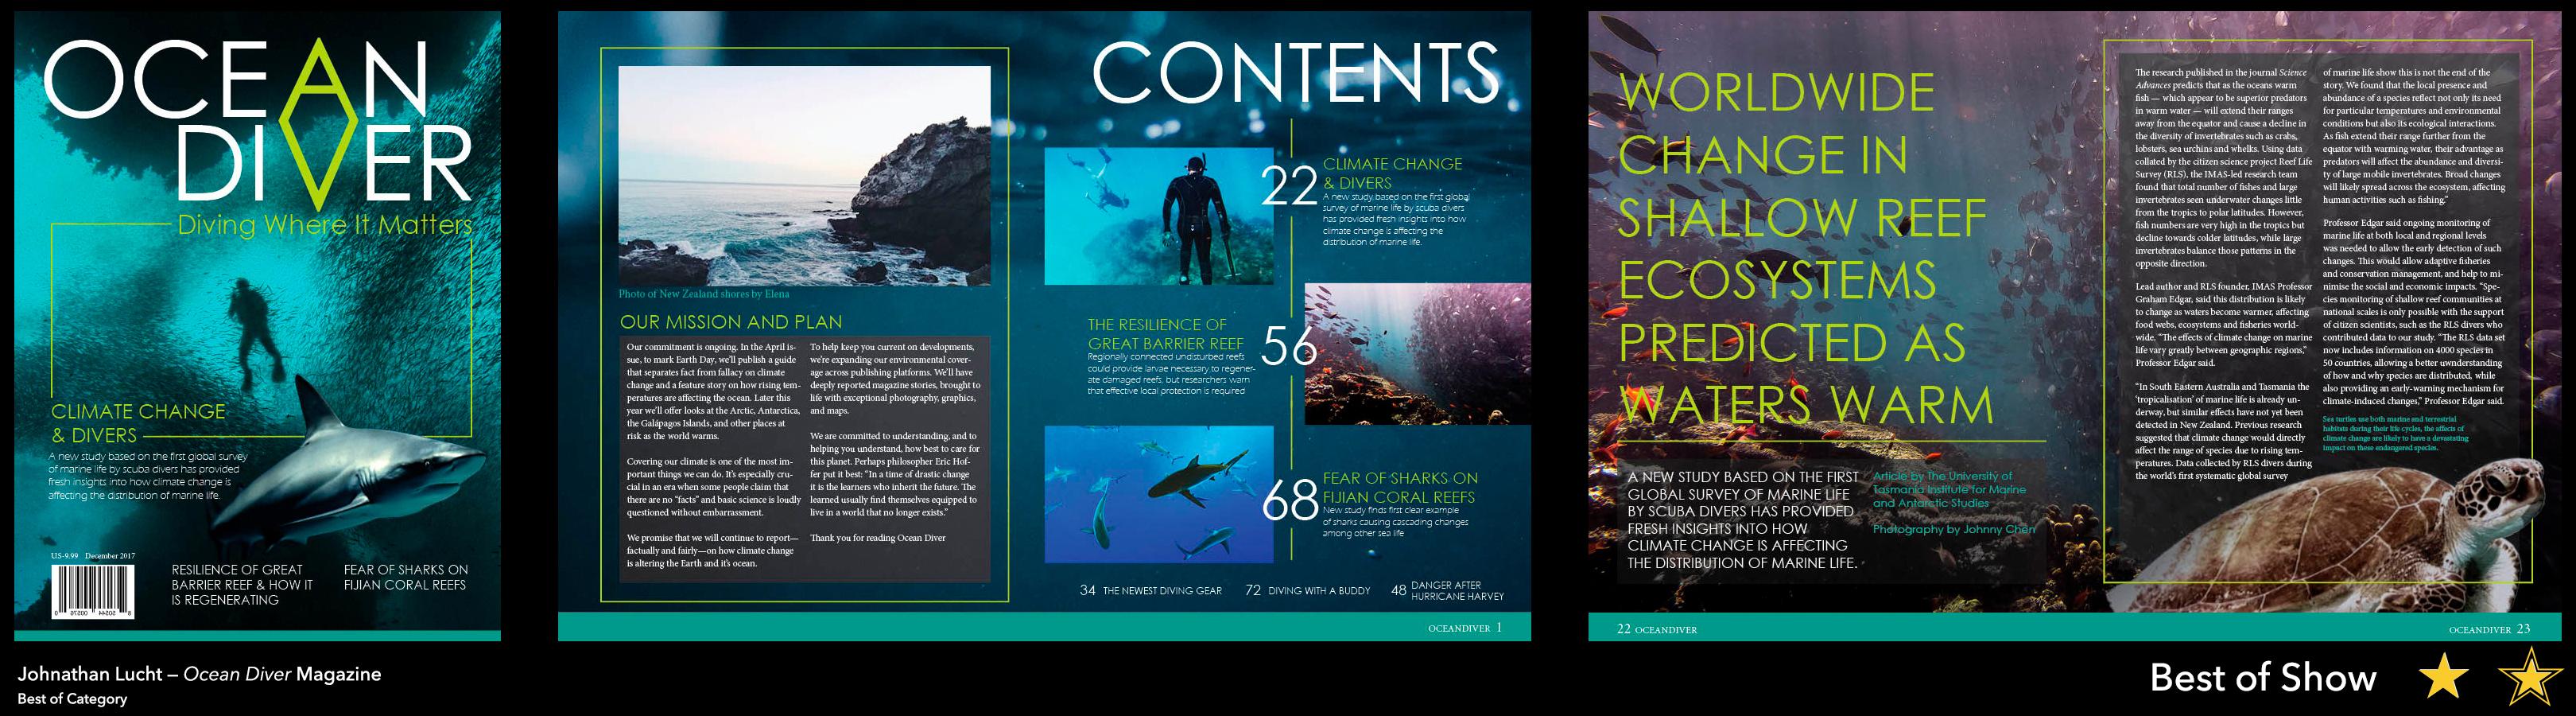 Ocean Diver Magazine